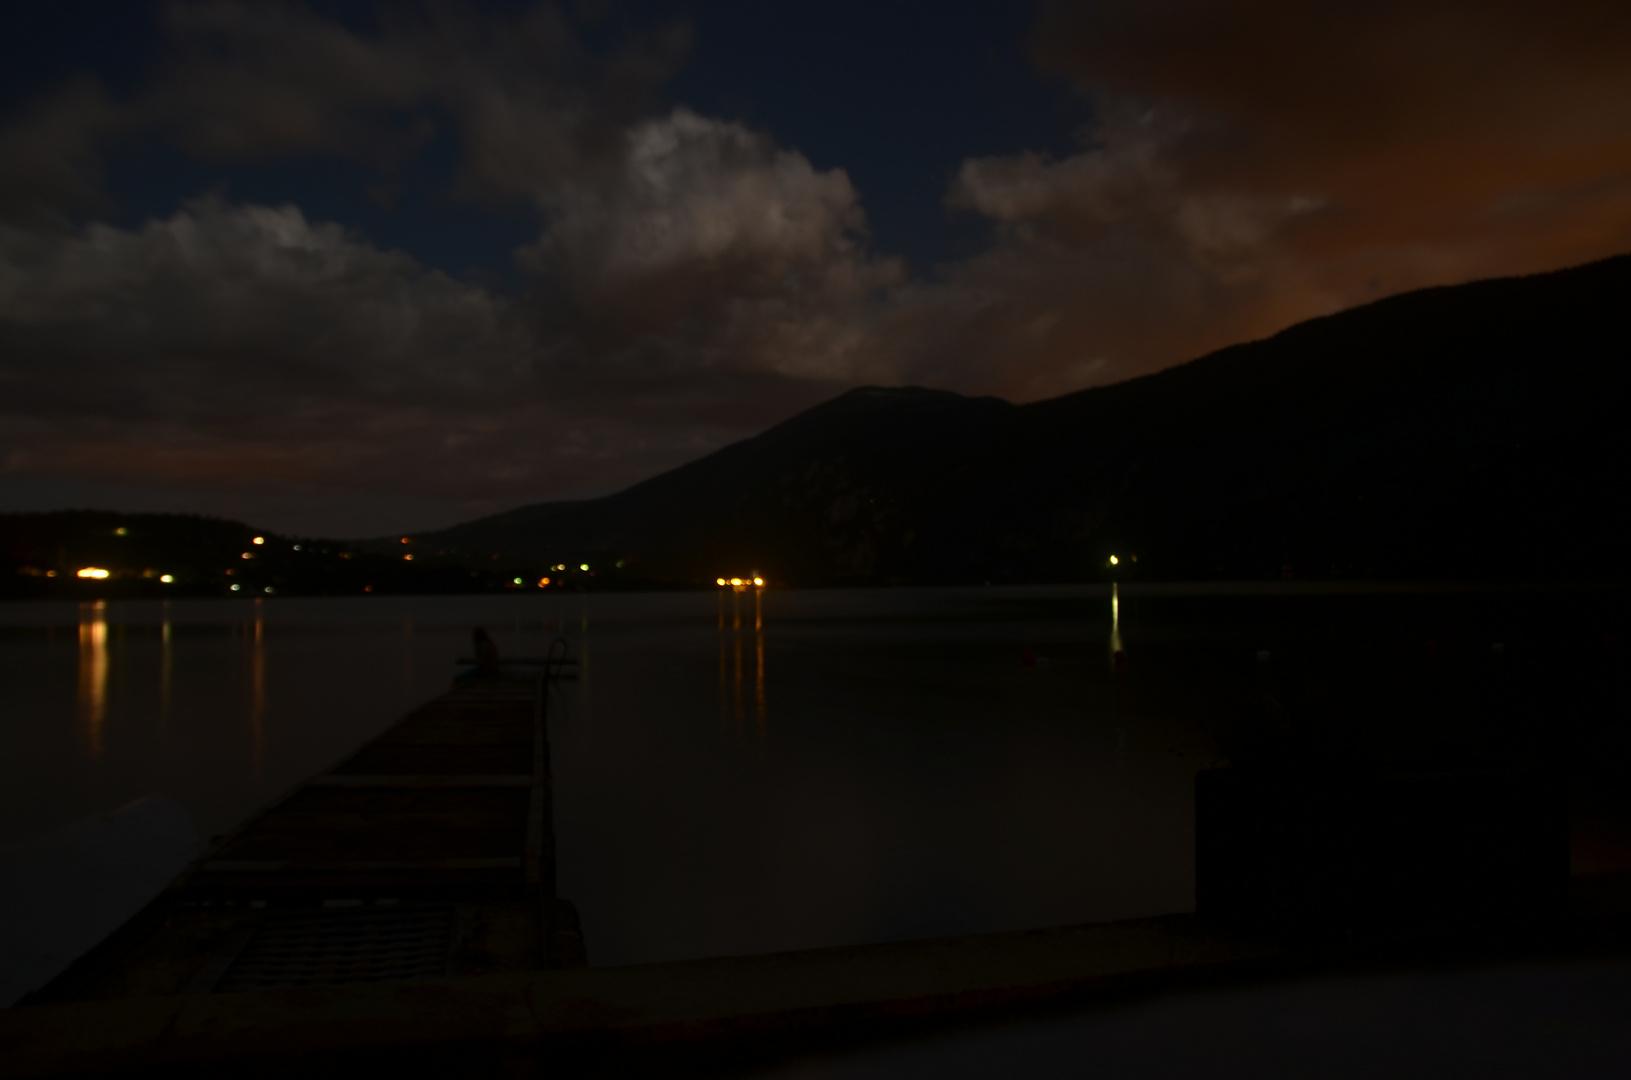 ein bisschen nach dem Sonnenuntergang